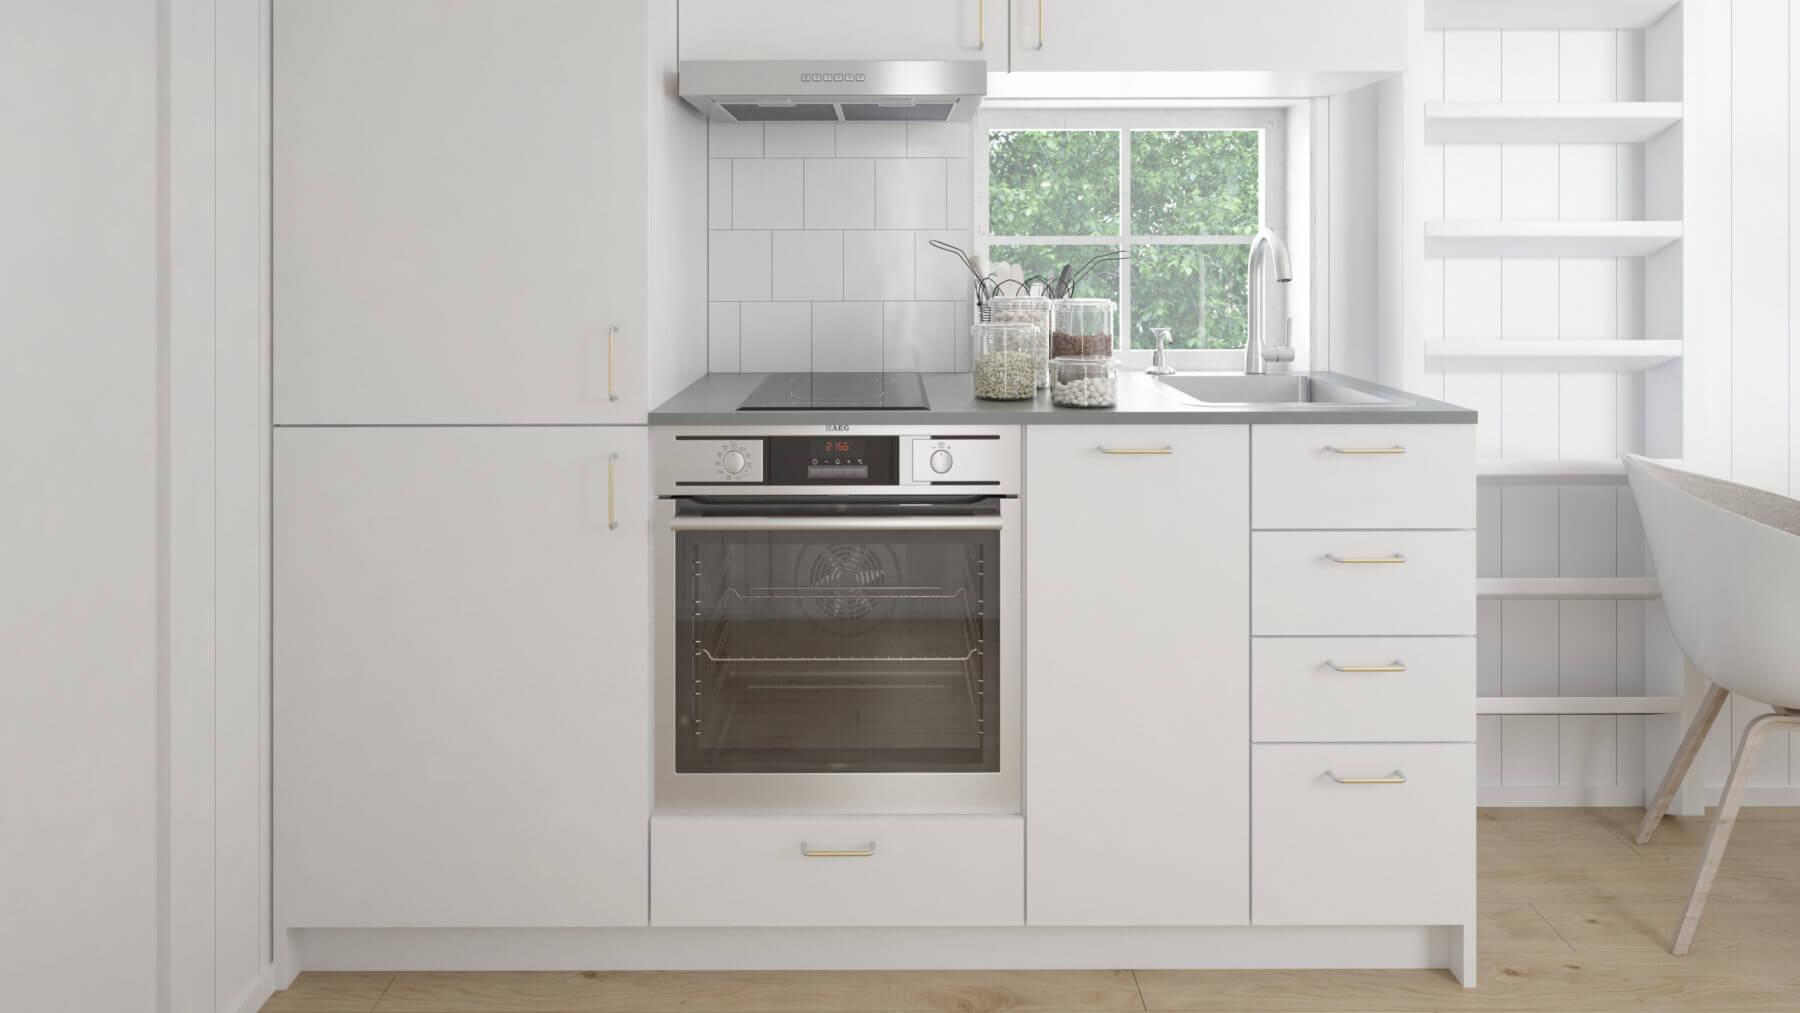 Attefallshus Klassisk 25.1 ljust kök med vita köksluckor